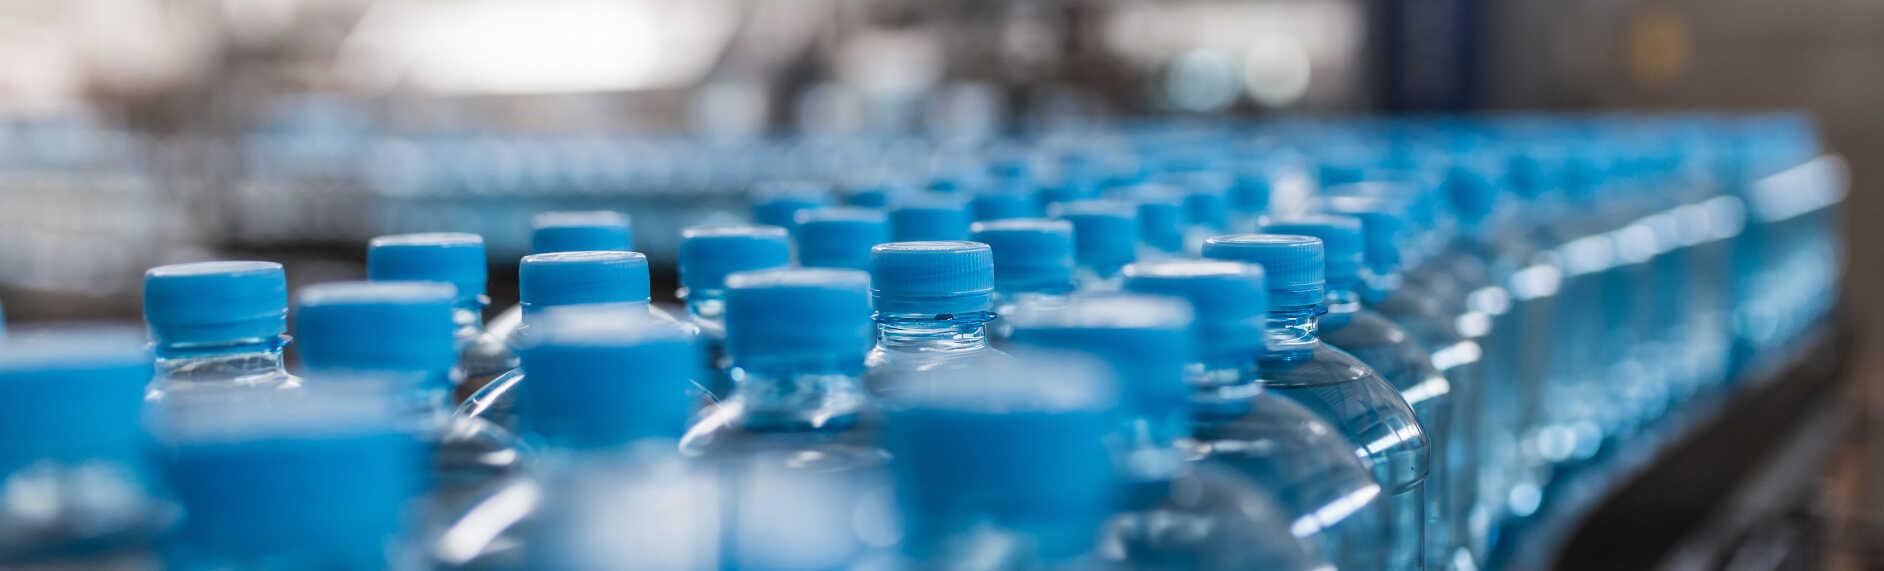 Køling giver energibesparelser og fjerner overskudsvarme i plastproduktioner